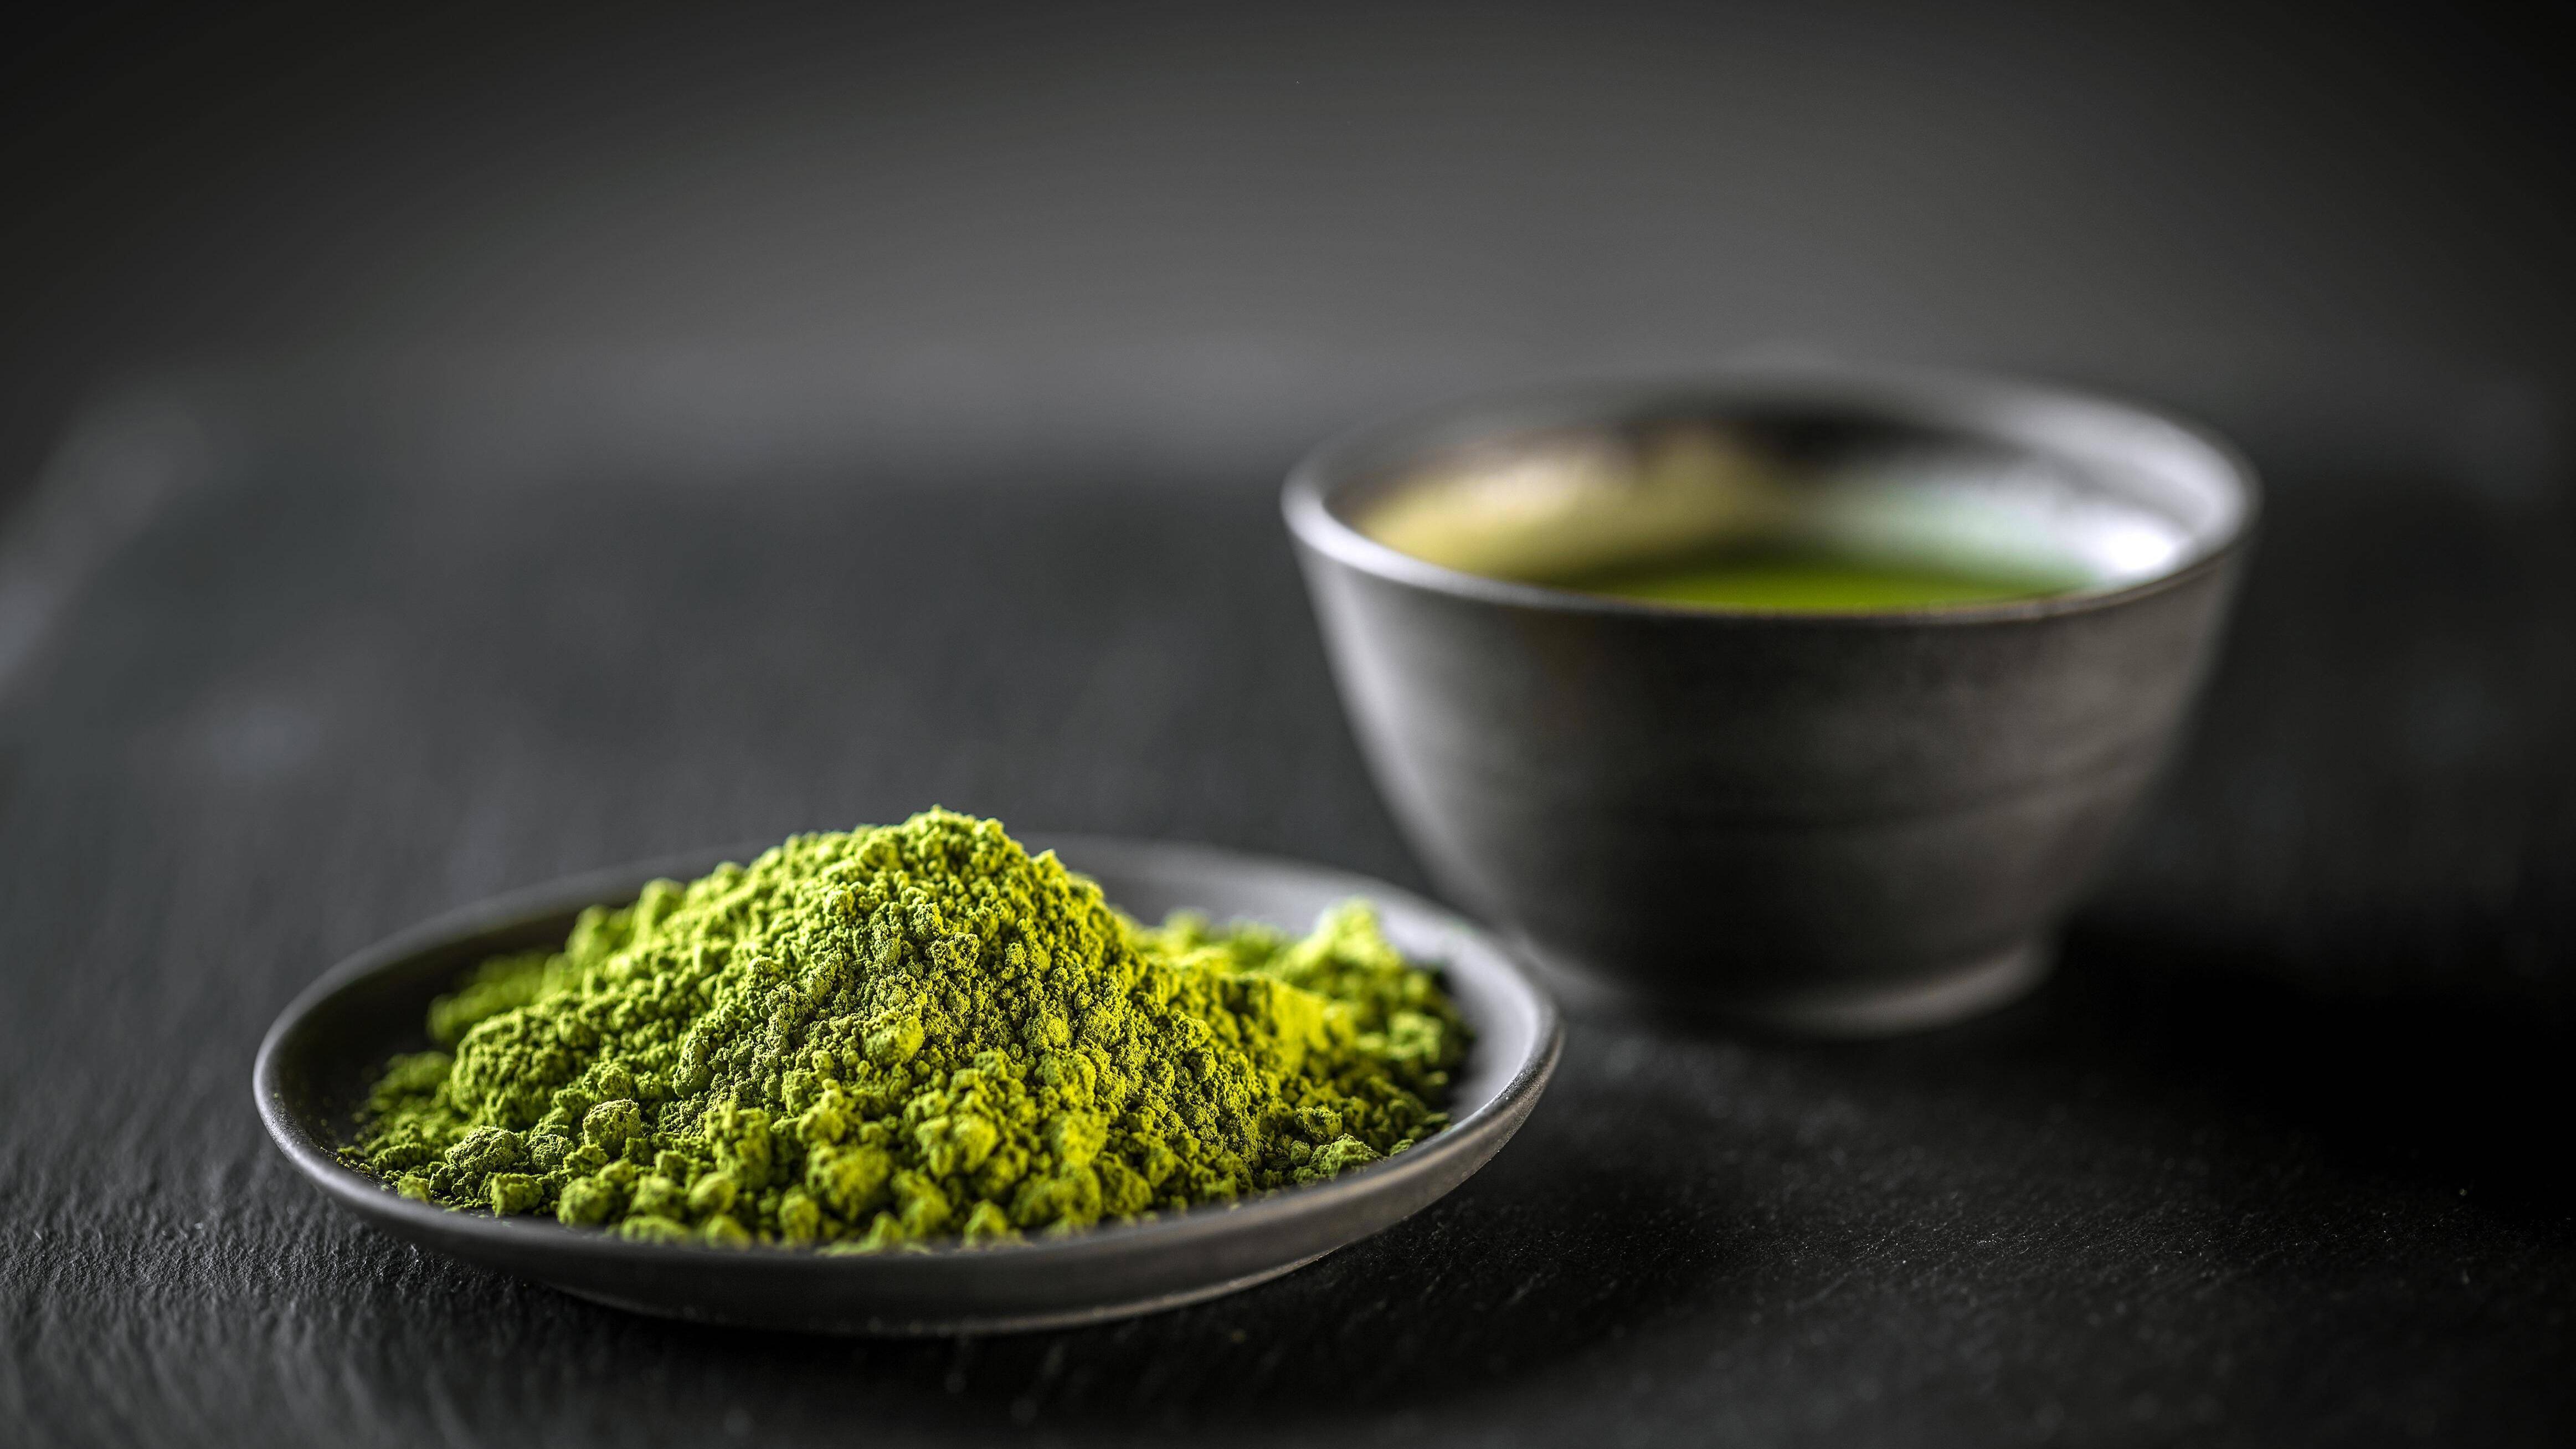 Entschlackung funktioniert auch mit Tee, zum Beispiel mit Matcha Tee.